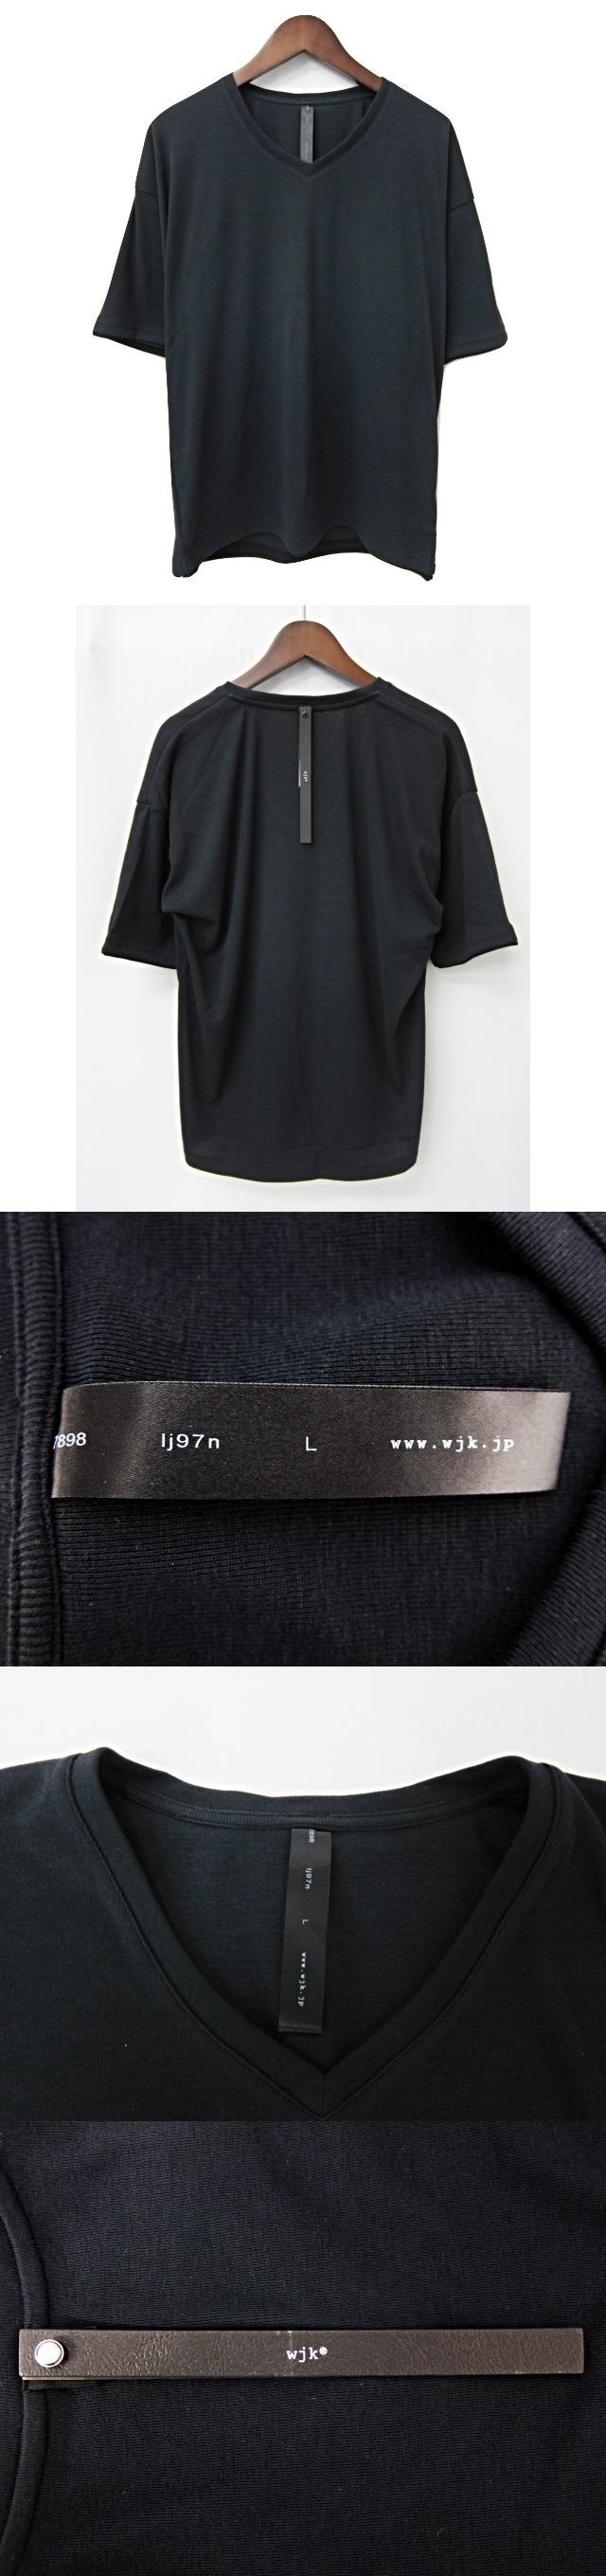 7898 lj97n drop shoulder cut&sewn ドロップショルダーカットソー 黒 ブラック M 無地 ポリエステル 日本製 Tシャツ Vネック 半袖 タグ付